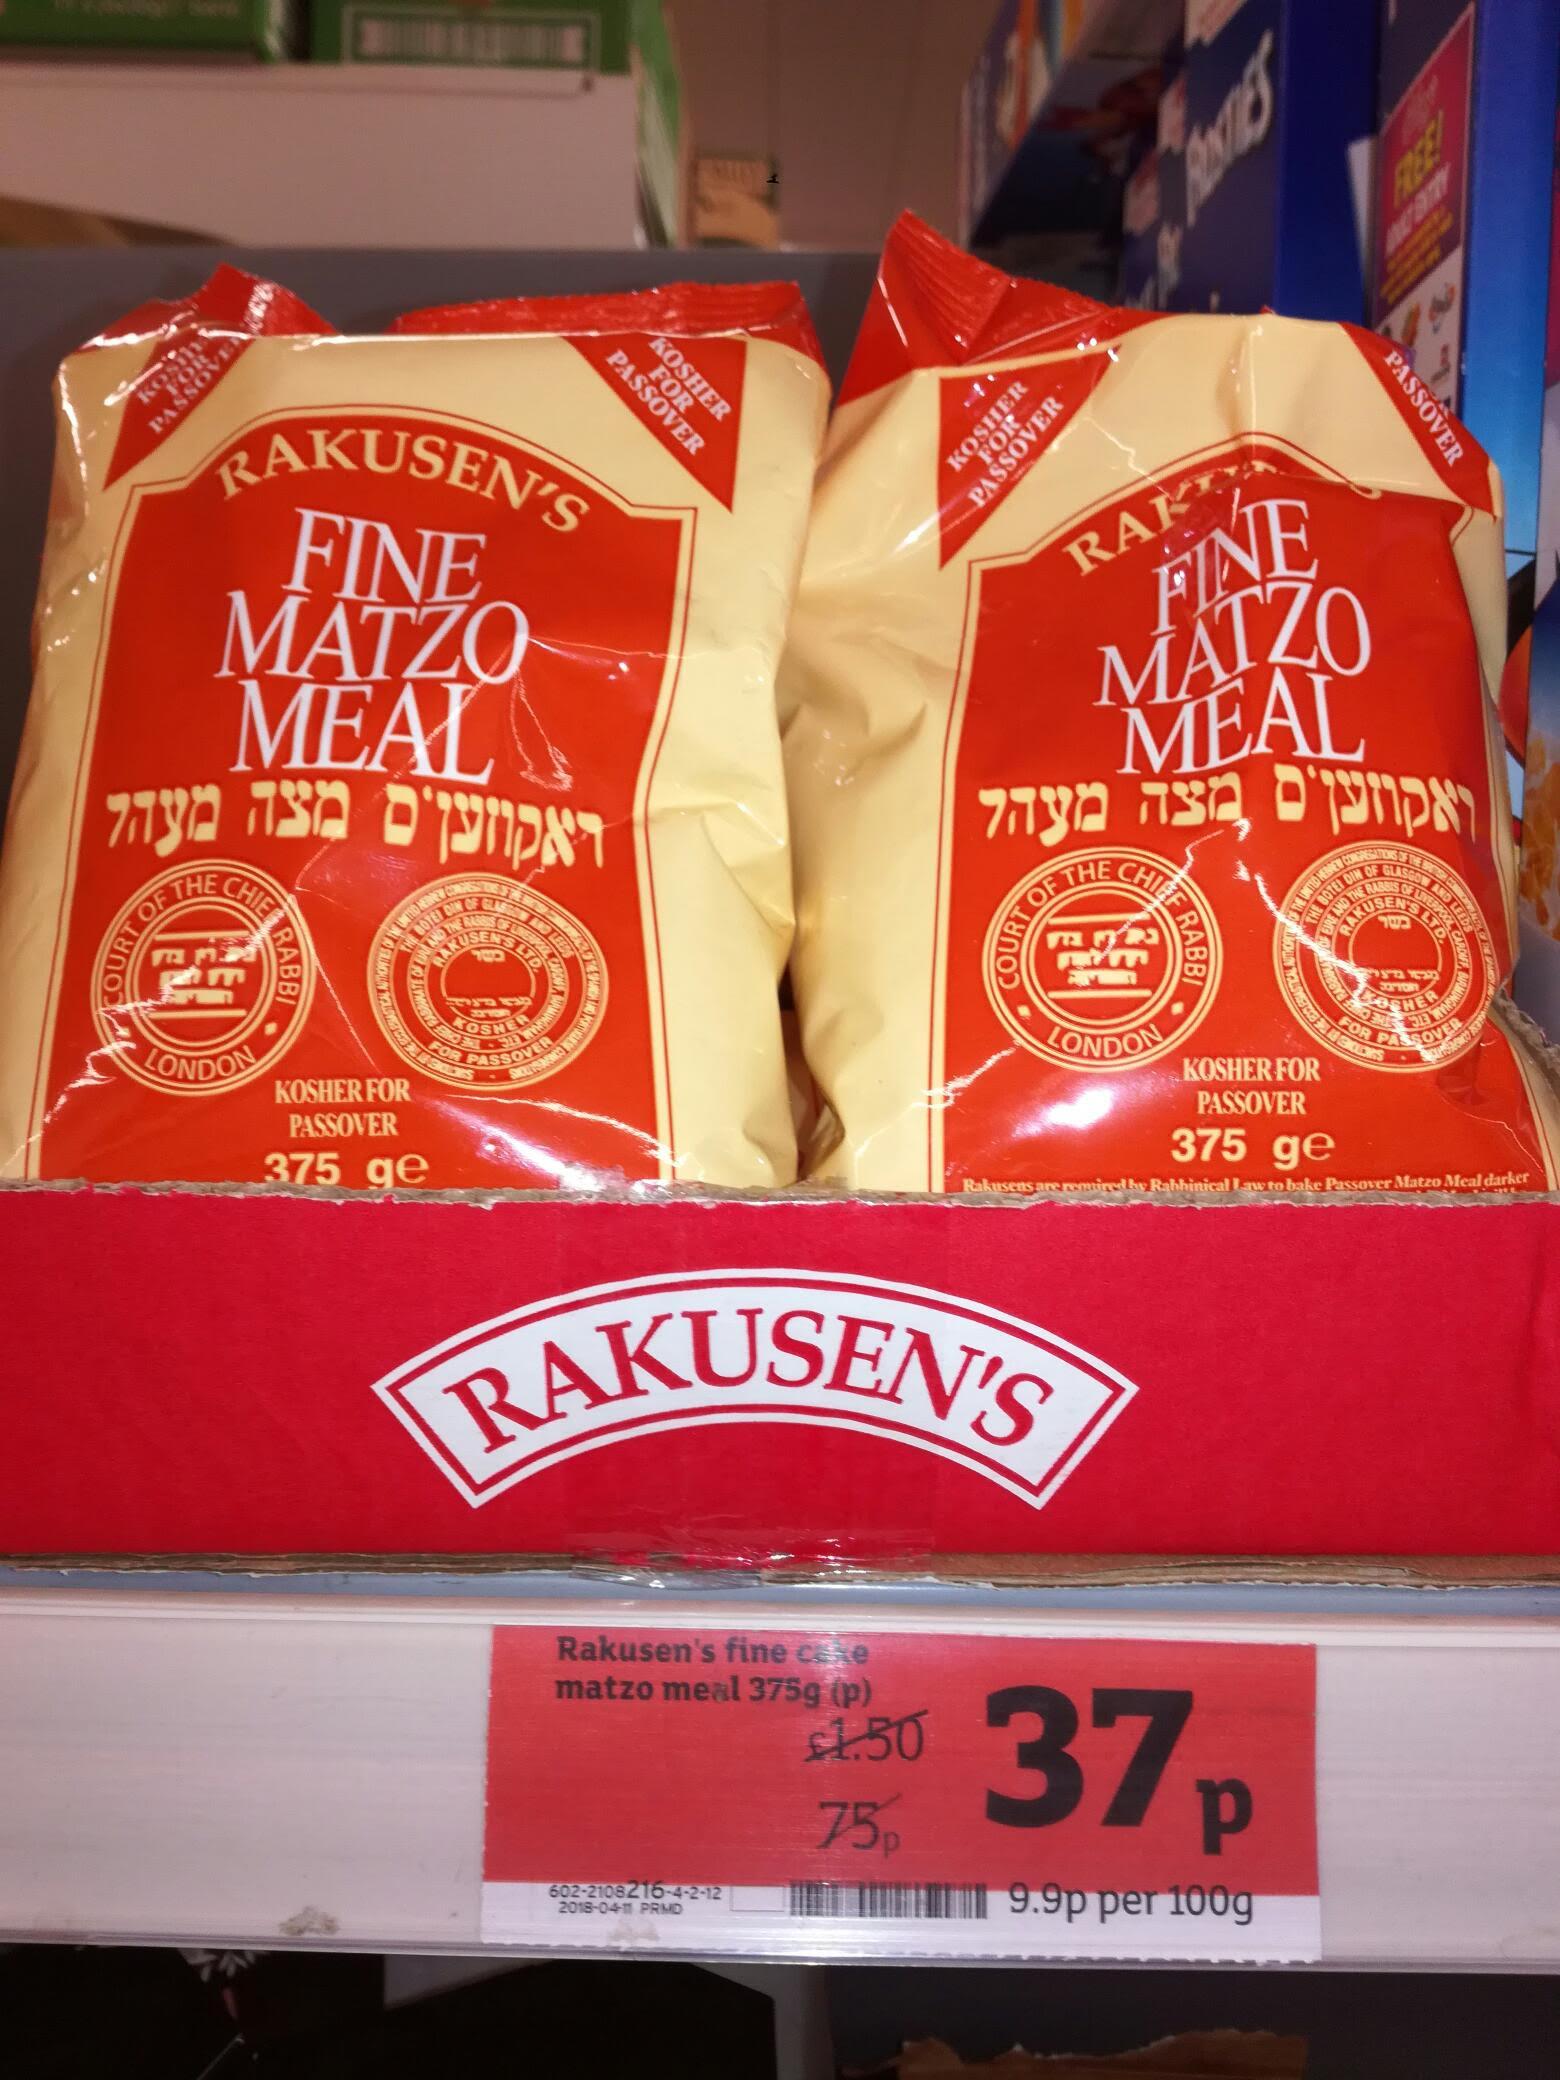 RACKUSEN'S Fine Matzo Meal  375g     0.37p instore Sainsbury's